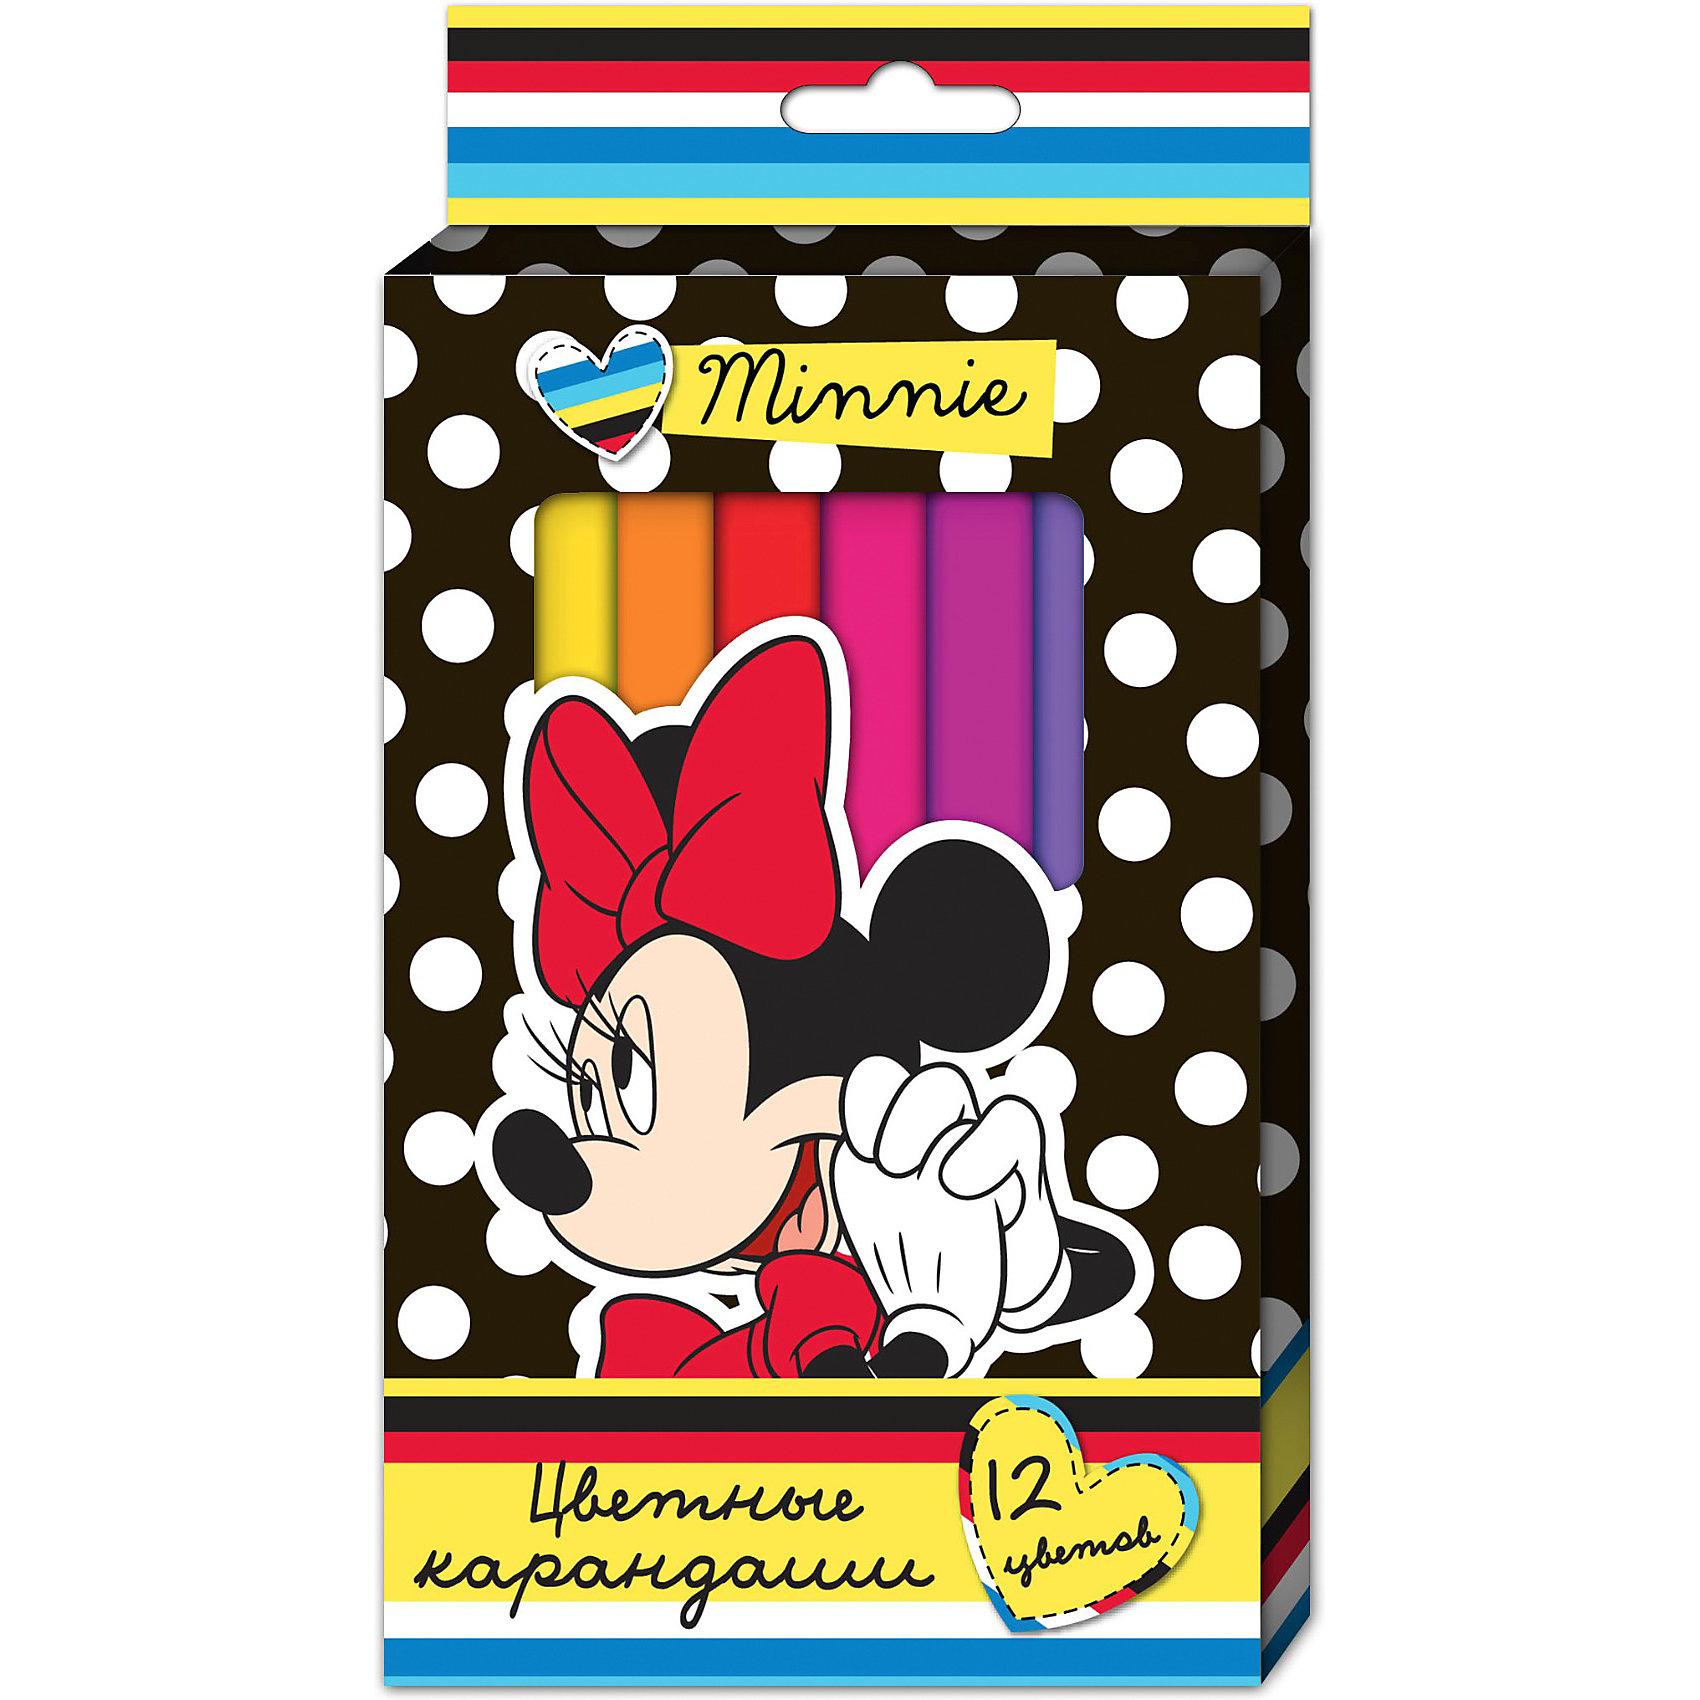 Цветные карандаши, 12 цв., Минни МаусЦветные карандаши необходимый инструмент для детского творчества и школьных занятий. Набор цветных карандашей Минни Disney от Росмэн оформлен в красочную картонную упаковку с изображением популярной героини диснеевских мультфильмов мышки Минни (Minnie Mouse). 12 цветных трехгранных карандашей идеально подходят для рисования, письма и раскрашивания. Благодаря утолщенному корпусу и эргономичной форме, они особенно удобны для детской руки и не требуют сильного нажатия. Карандаши<br>изготовлены из высококачественной древесины, легко затачиваются, имеют прочный грифель, который не ломается при заточке.<br><br>Дополнительная информация:<br><br>- В наборе 12 карандашей разных цветов.<br>- Материал: дерево, грифель.<br>- Размер упаковки: 20,5 х 12 х 1 см.<br>- Вес: 130 гр.<br><br>Цветные карандаши, 12 цв., Минни Маус можно купить в нашем интернет-магазине.<br><br>Ширина мм: 205<br>Глубина мм: 120<br>Высота мм: 10<br>Вес г: 130<br>Возраст от месяцев: 36<br>Возраст до месяцев: 108<br>Пол: Женский<br>Возраст: Детский<br>SKU: 3750421